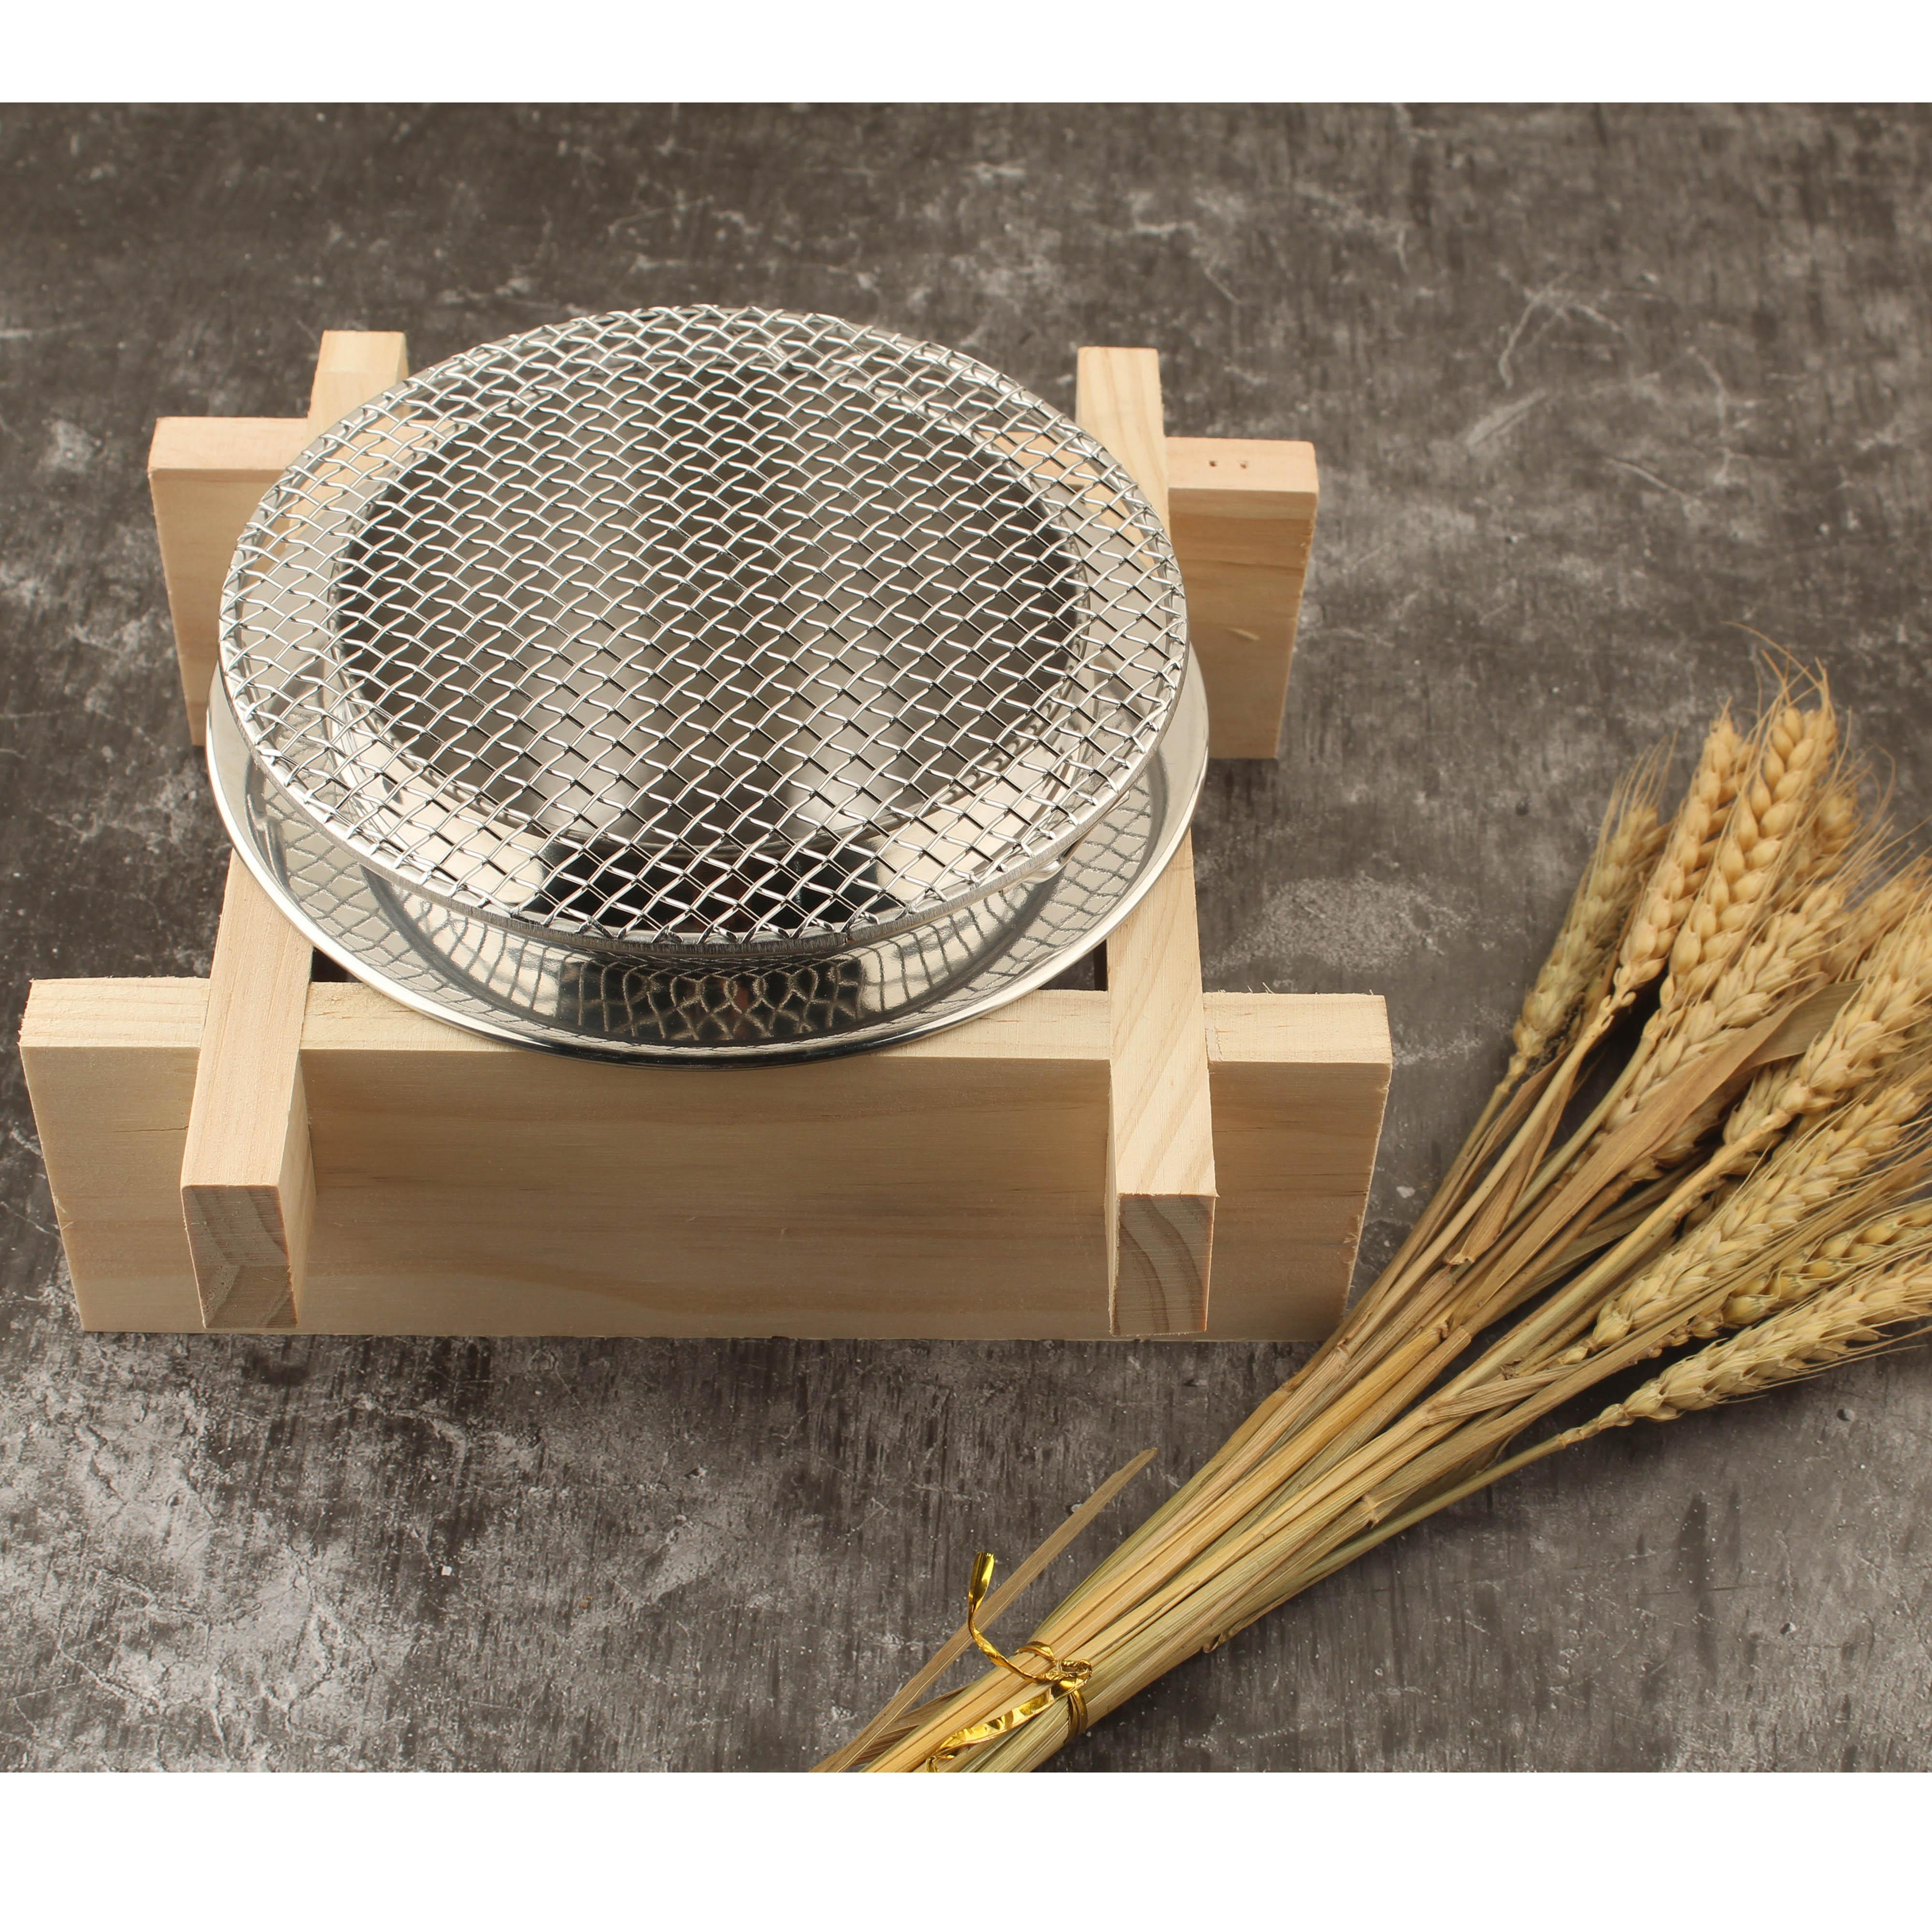 丸うどん鍋木棚ステンレス鍋、赤焼厚うなぎ鍋、井口字、ウーロン鍋